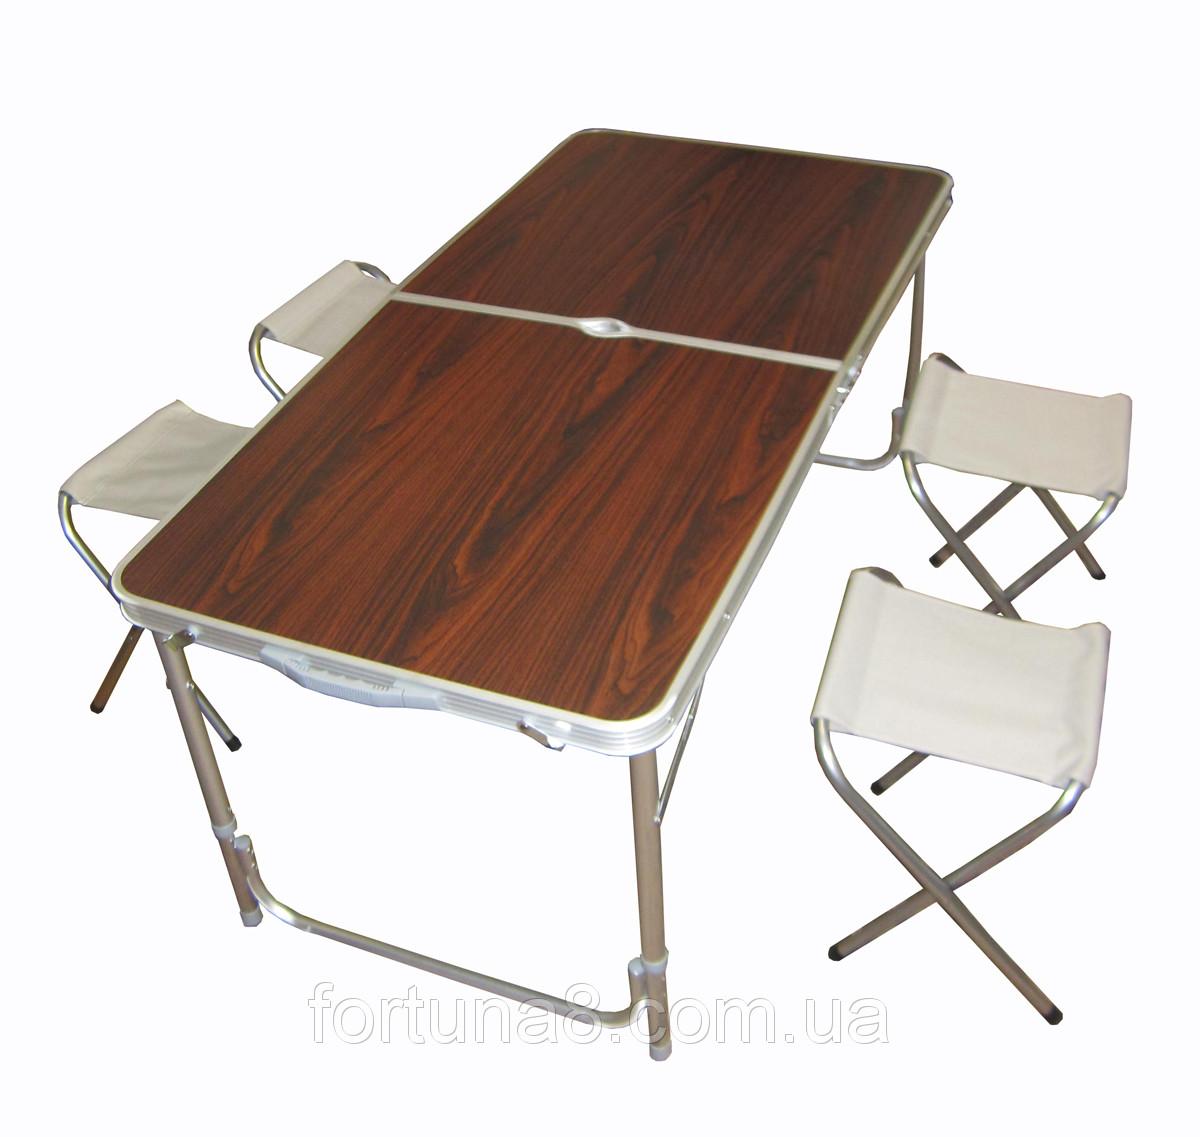 Алюминиевый современный стол